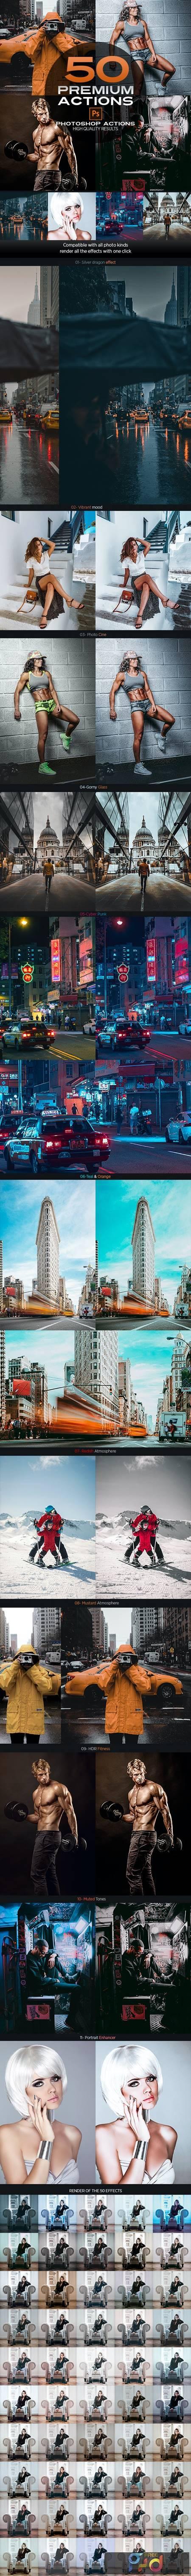 50 Premium Photoshop Actions 26605057 1